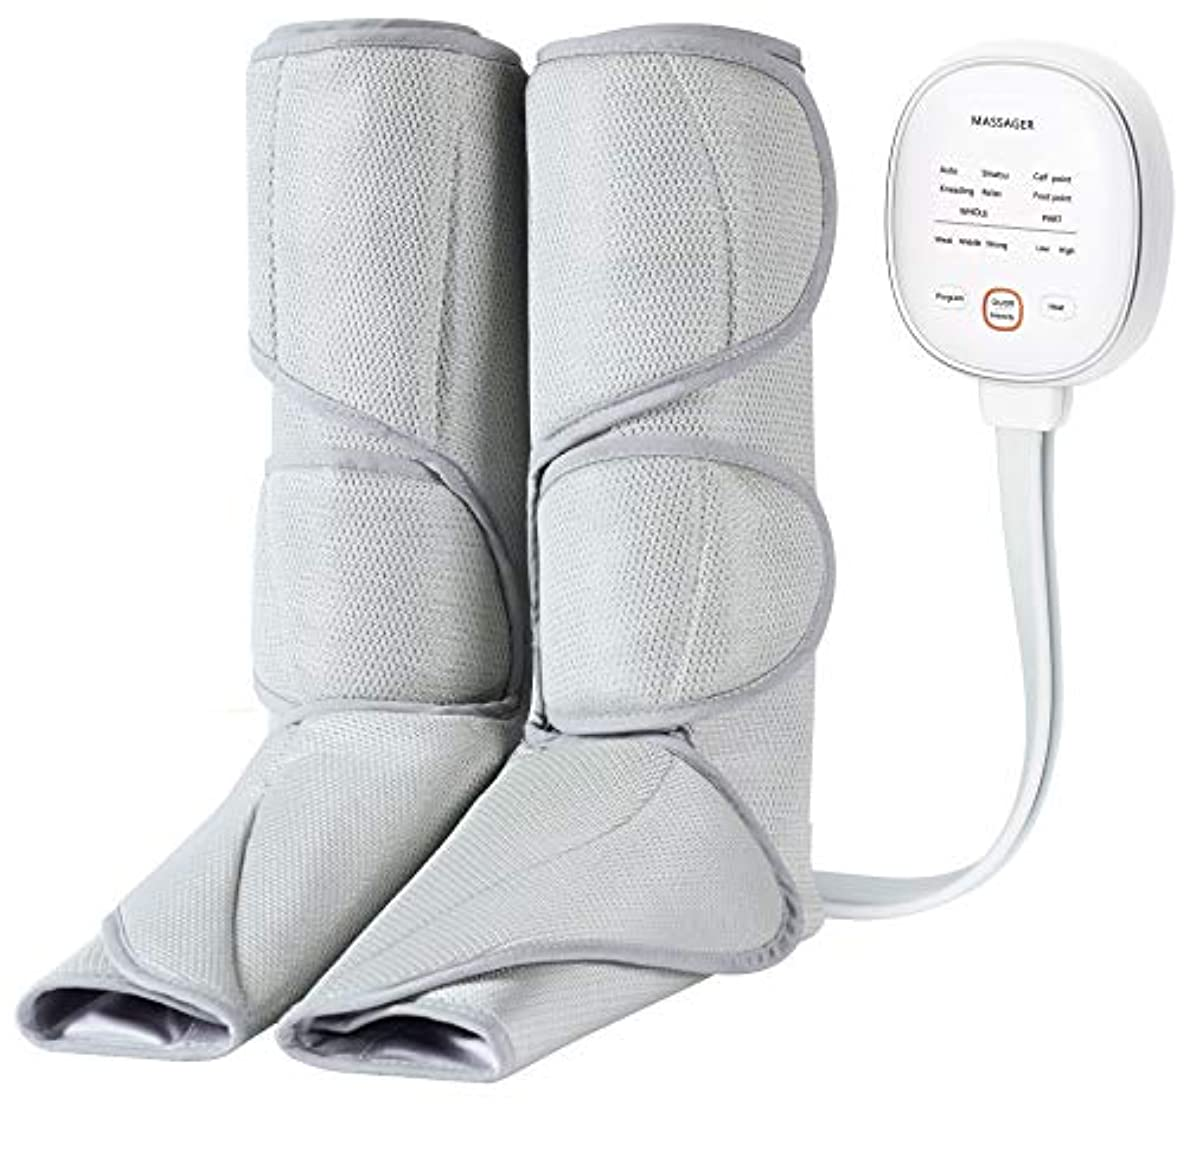 保持するせせらぎ夜Kindao マッサージ器 エアーマッサージャー 温感機能搭載 6つのマッサージコースを 強さを選べる3段階の切り替え 空気圧縮 フット循環血行促進 レッグリフレ足 まっさーじ機 あし脚 マッサージ装置